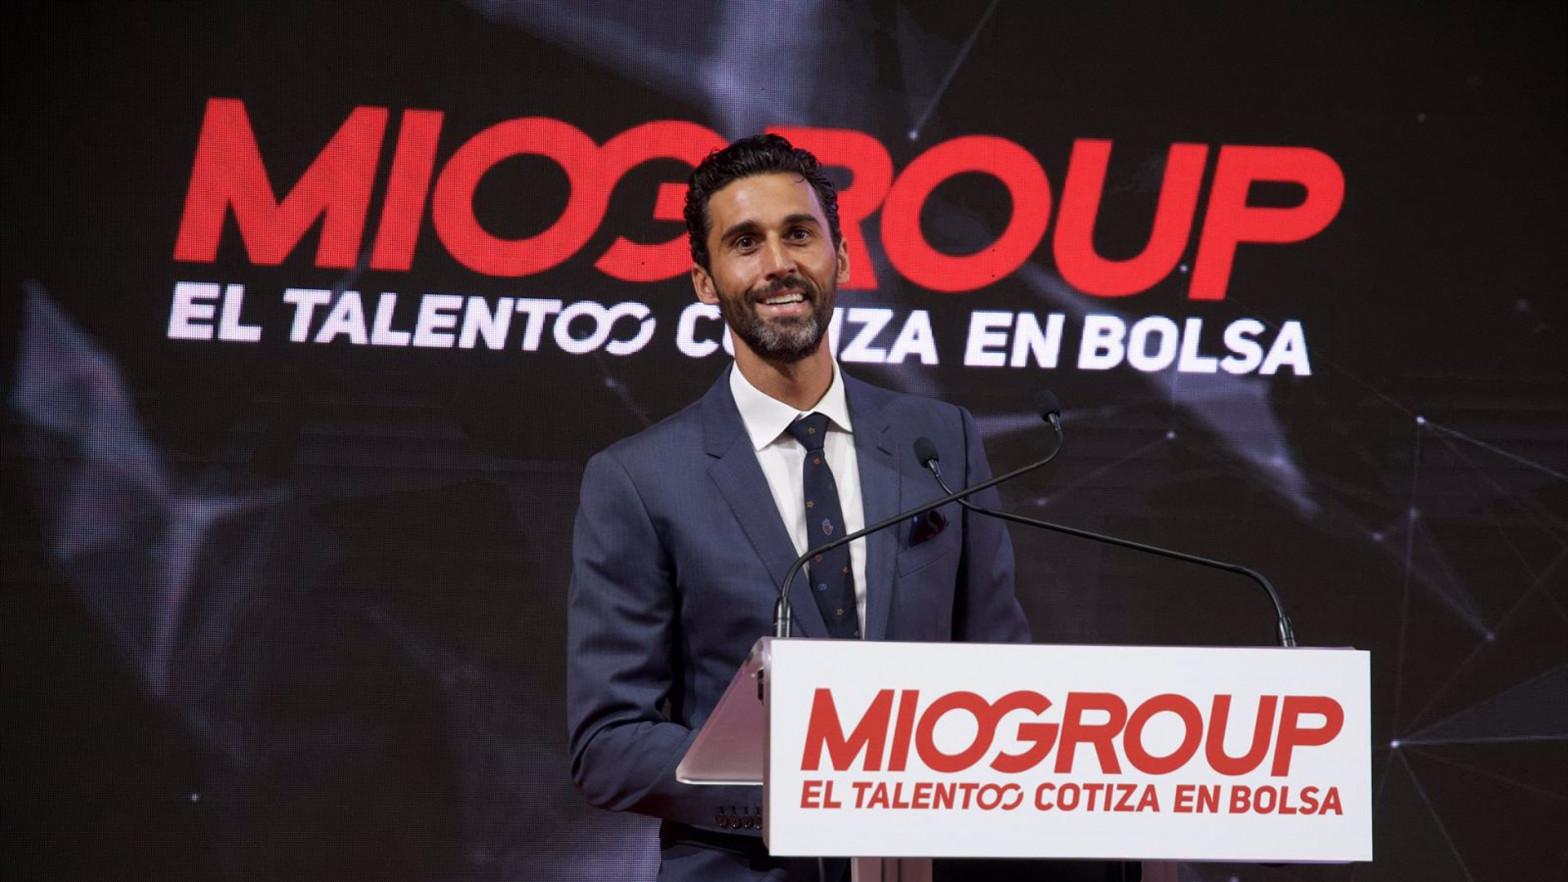 Miogroup se dispara un 56,7% en su primera sesión en Bolsa